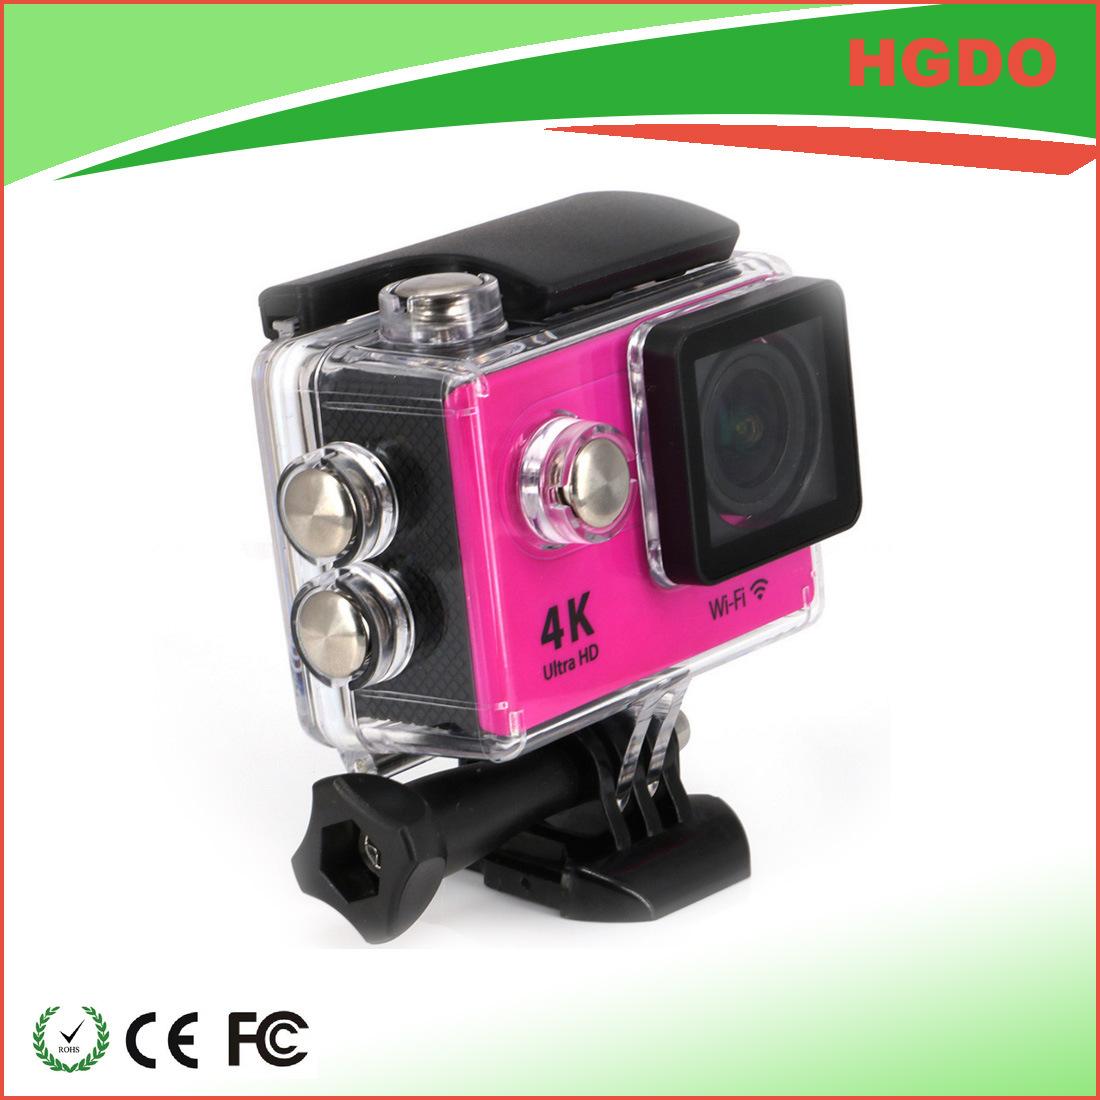 Mini 4k Deporte DV Digital Sport Camera with Waterproof Case